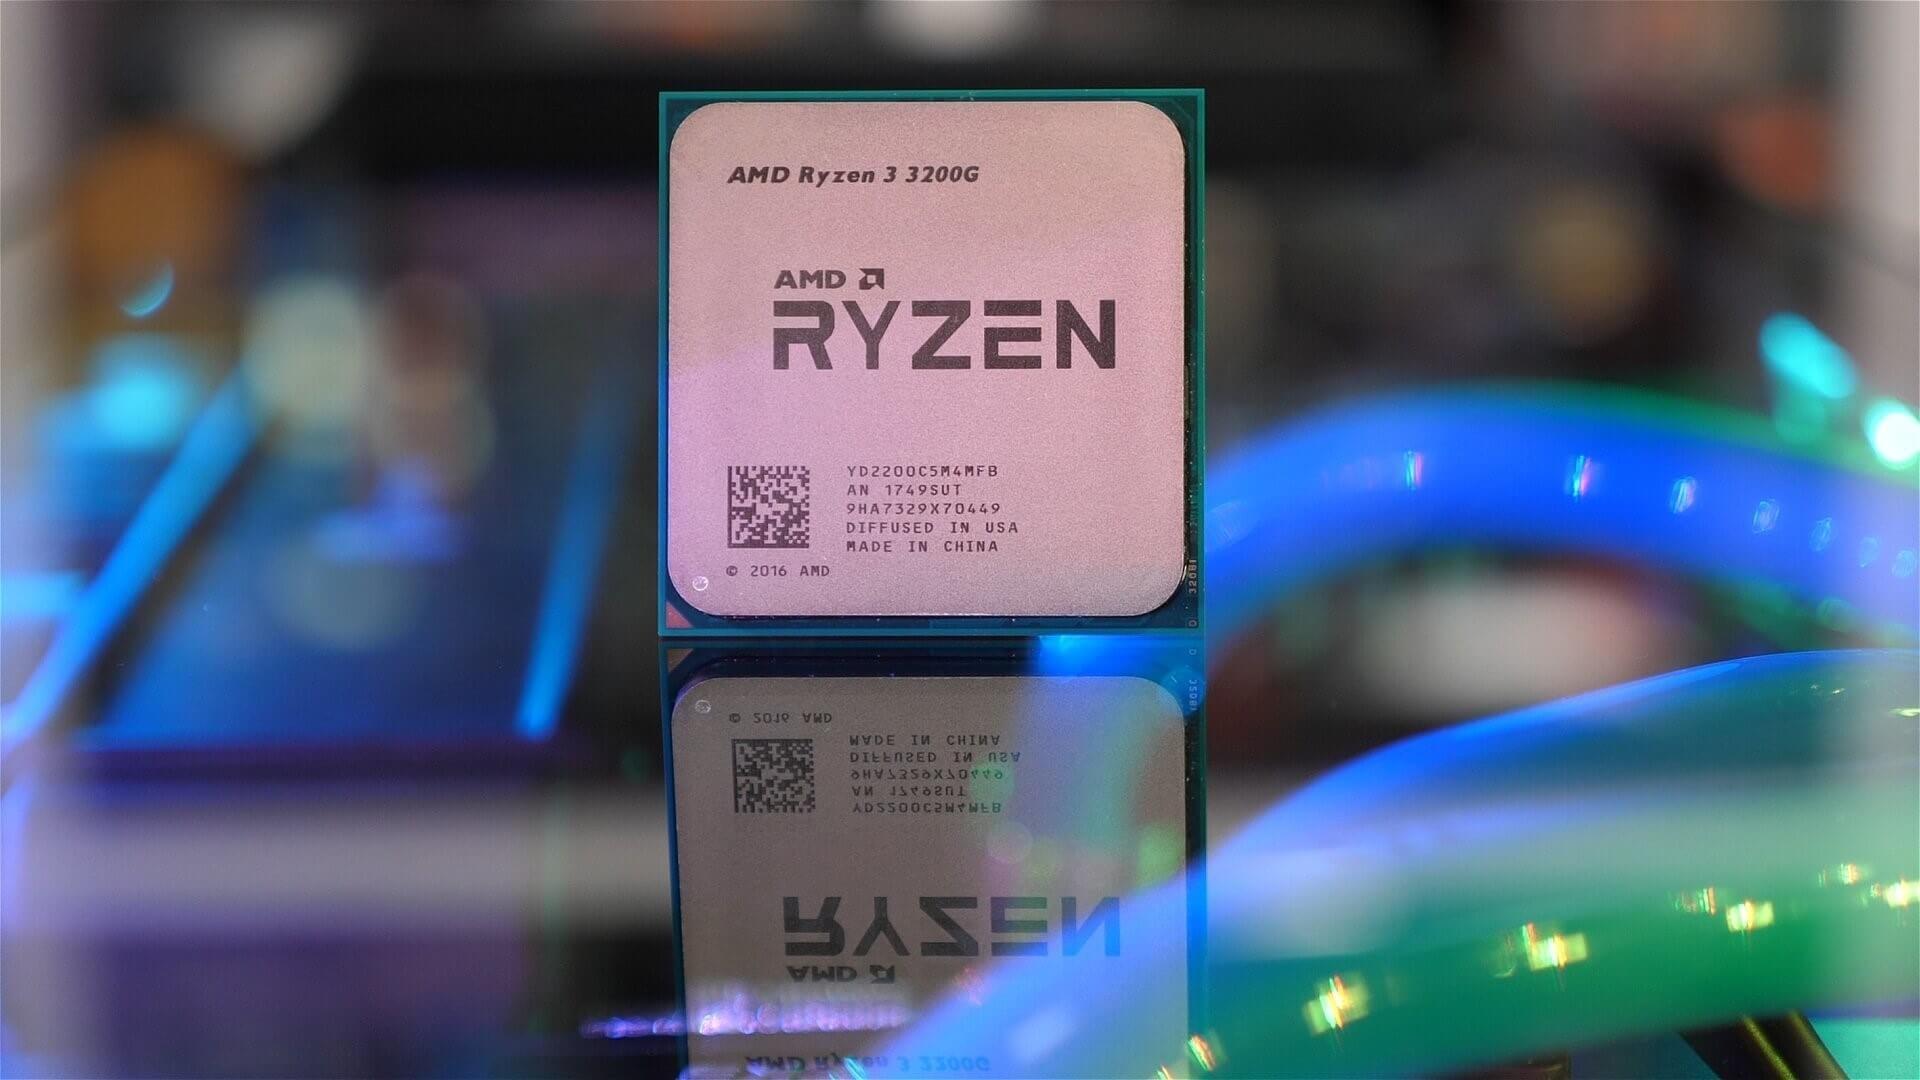 Гибридный процессор Ryzen5 3400G получил припой под крышкой